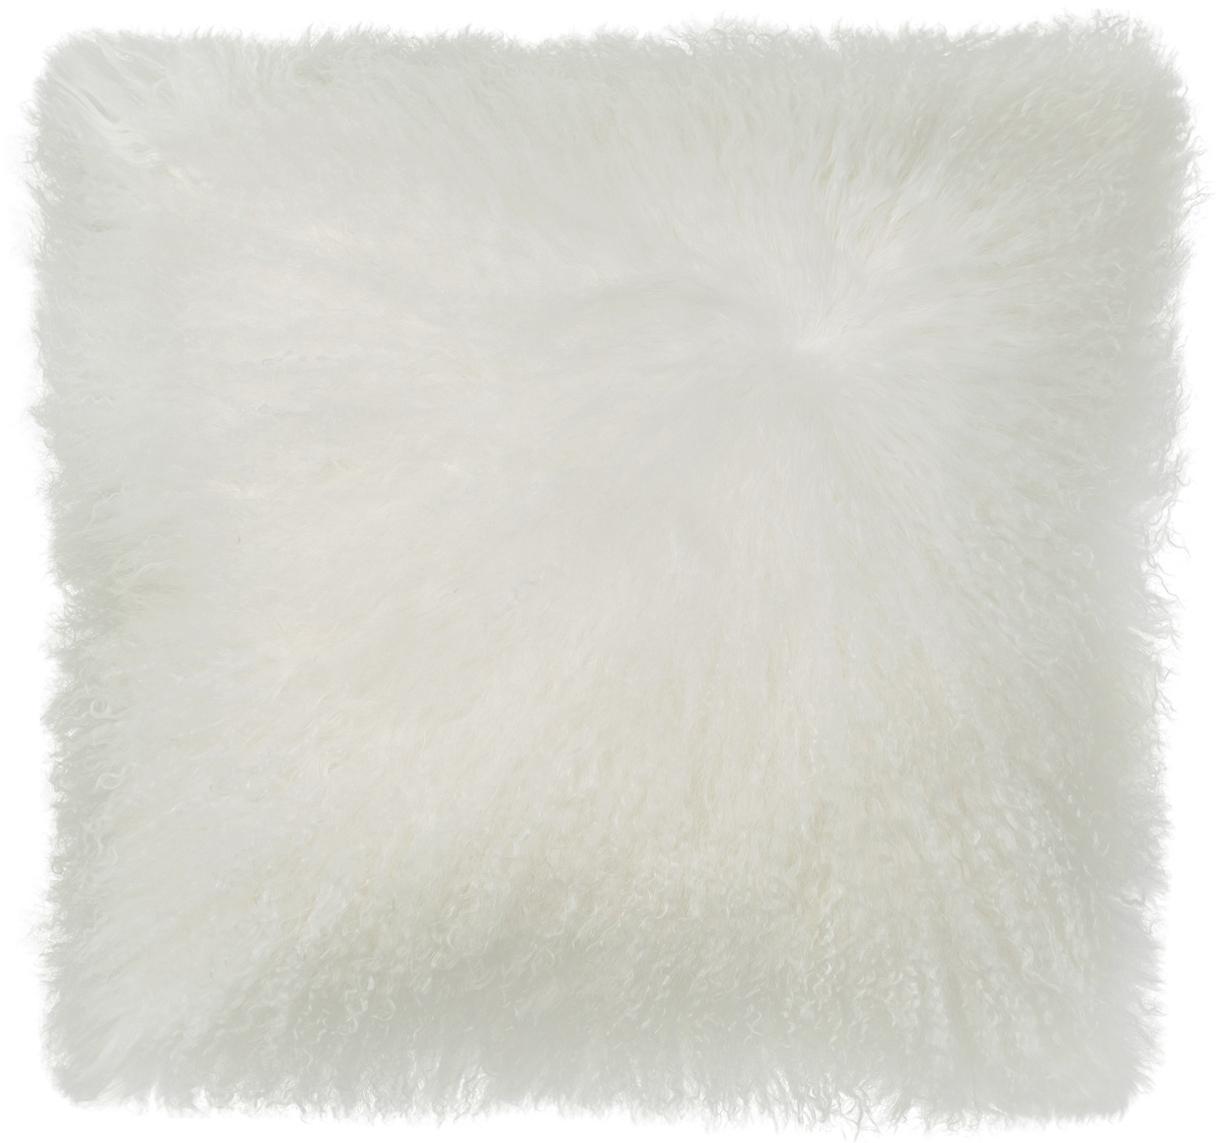 Funda de cojín en piel de cordero rizada Ella, Parte delantera: 100%piel de cordero de m, Parte trasera: 100%poliéster, Blanco, An 40 x L 40 cm